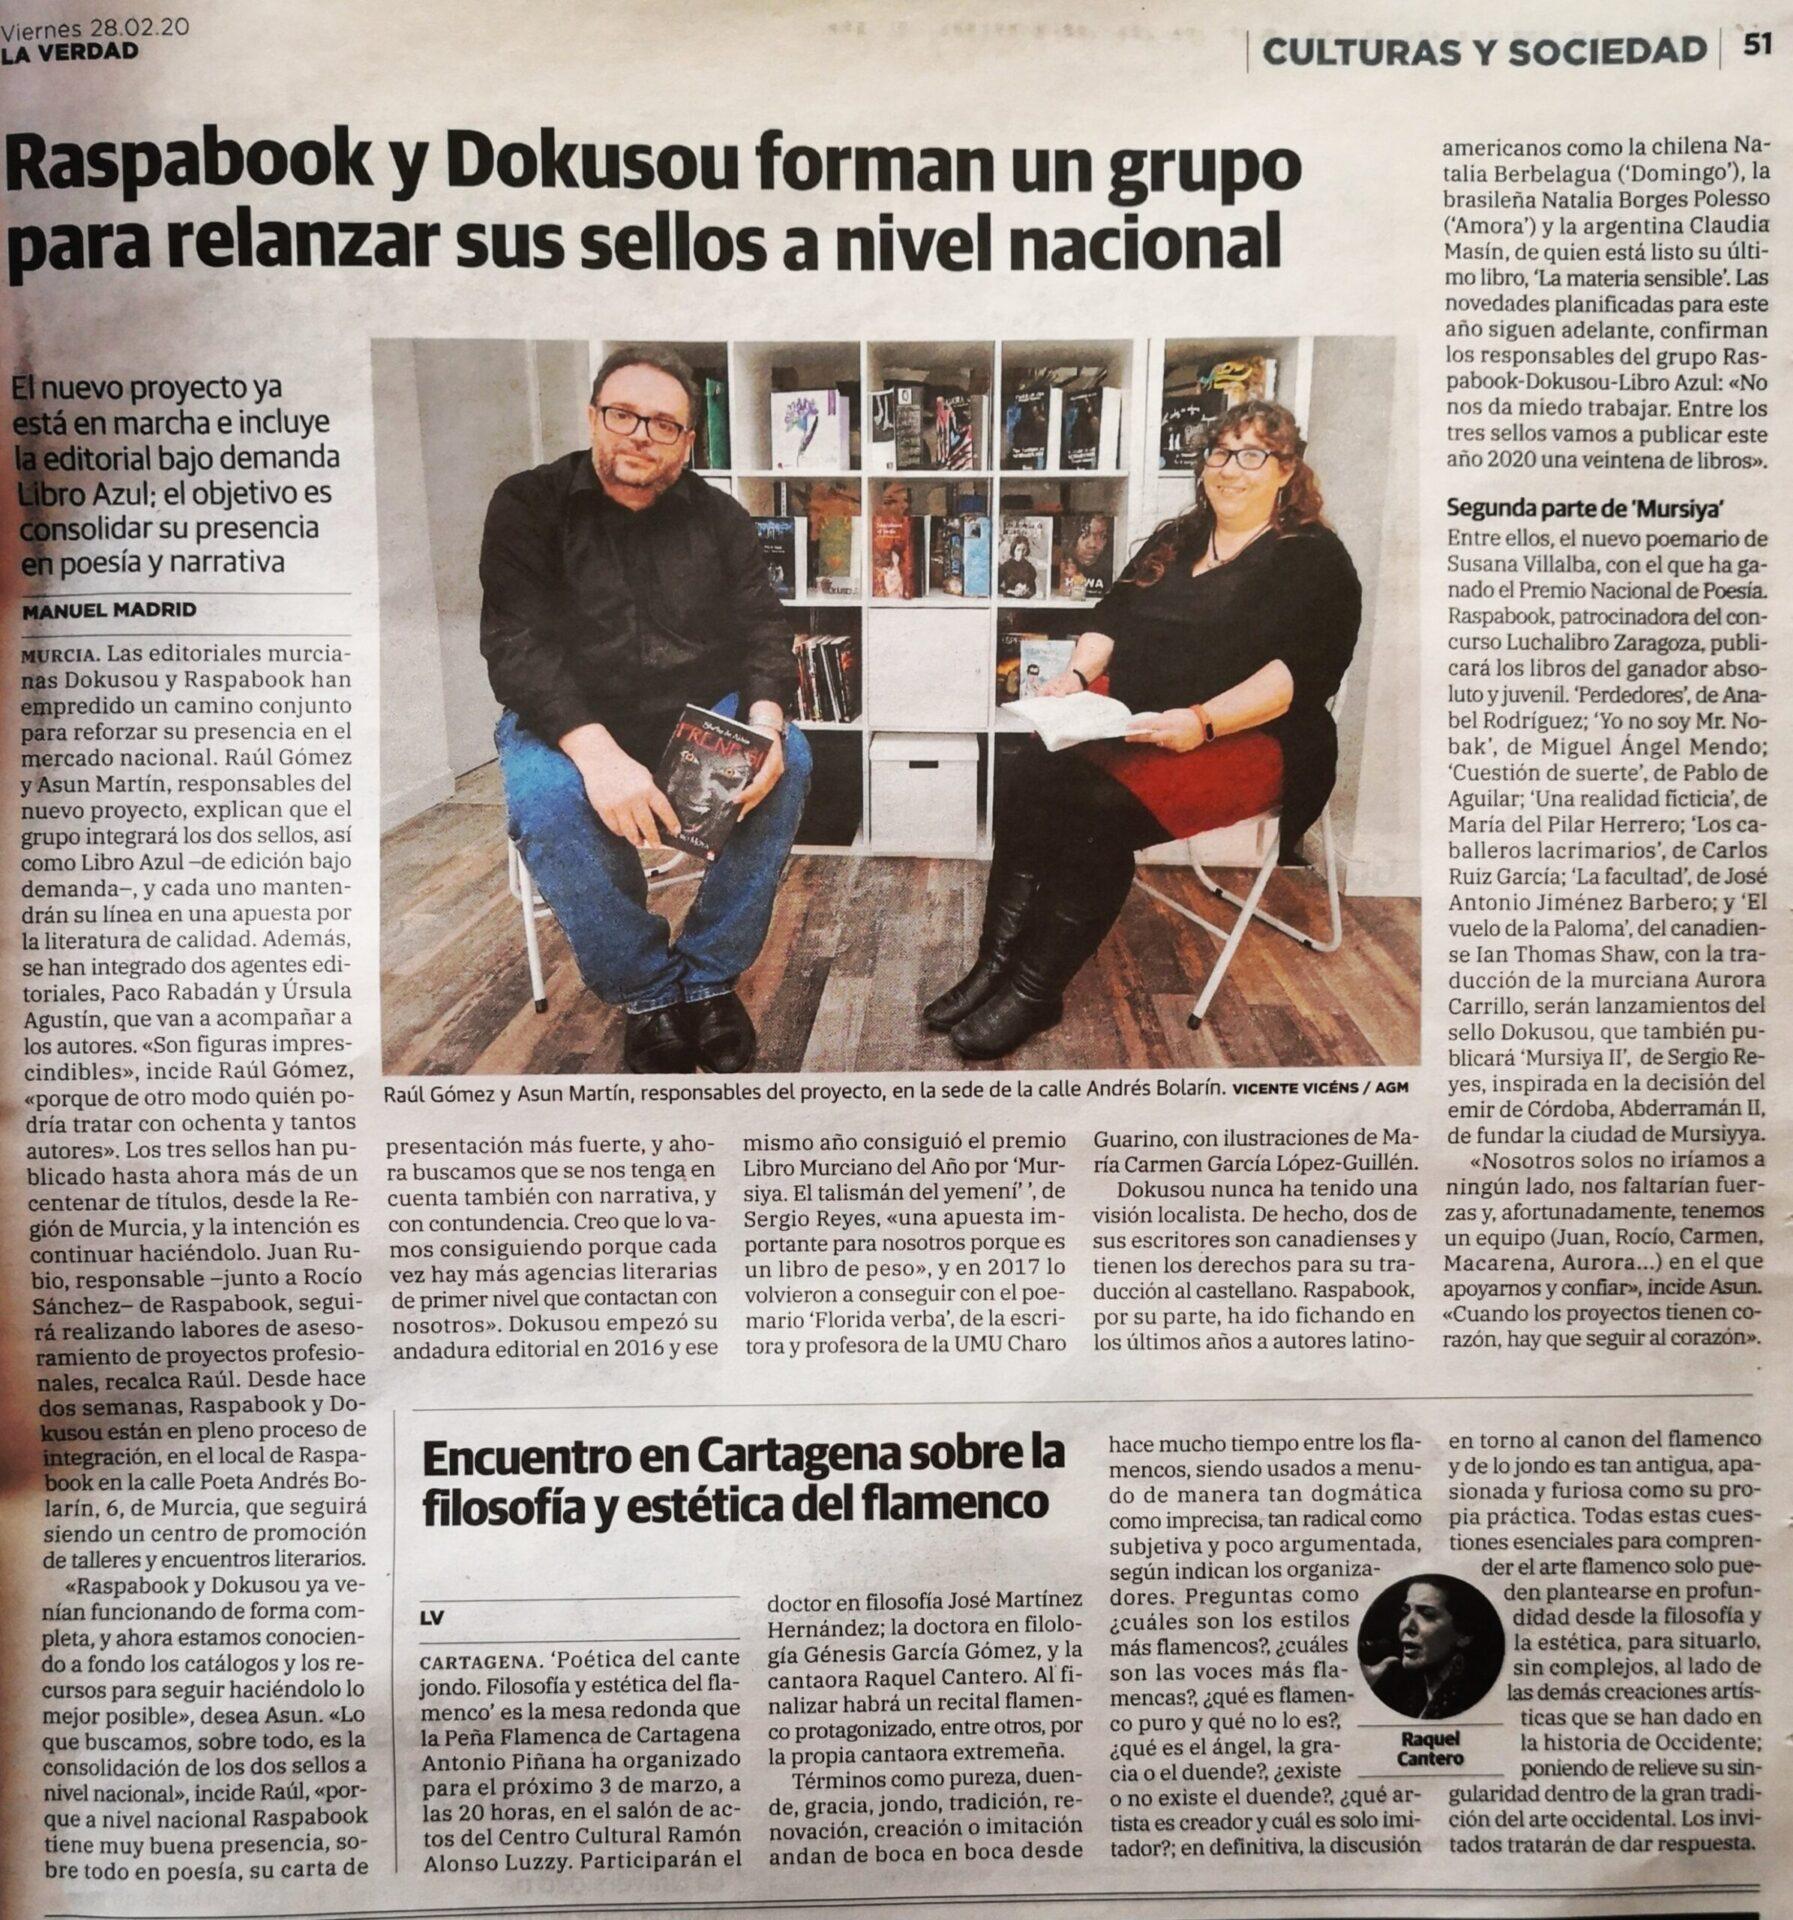 Noticia sobre Raspabook y Dokusou incluida en Dossier de prensa 2020 por hacer referencia a Sergio Reyes Puerta